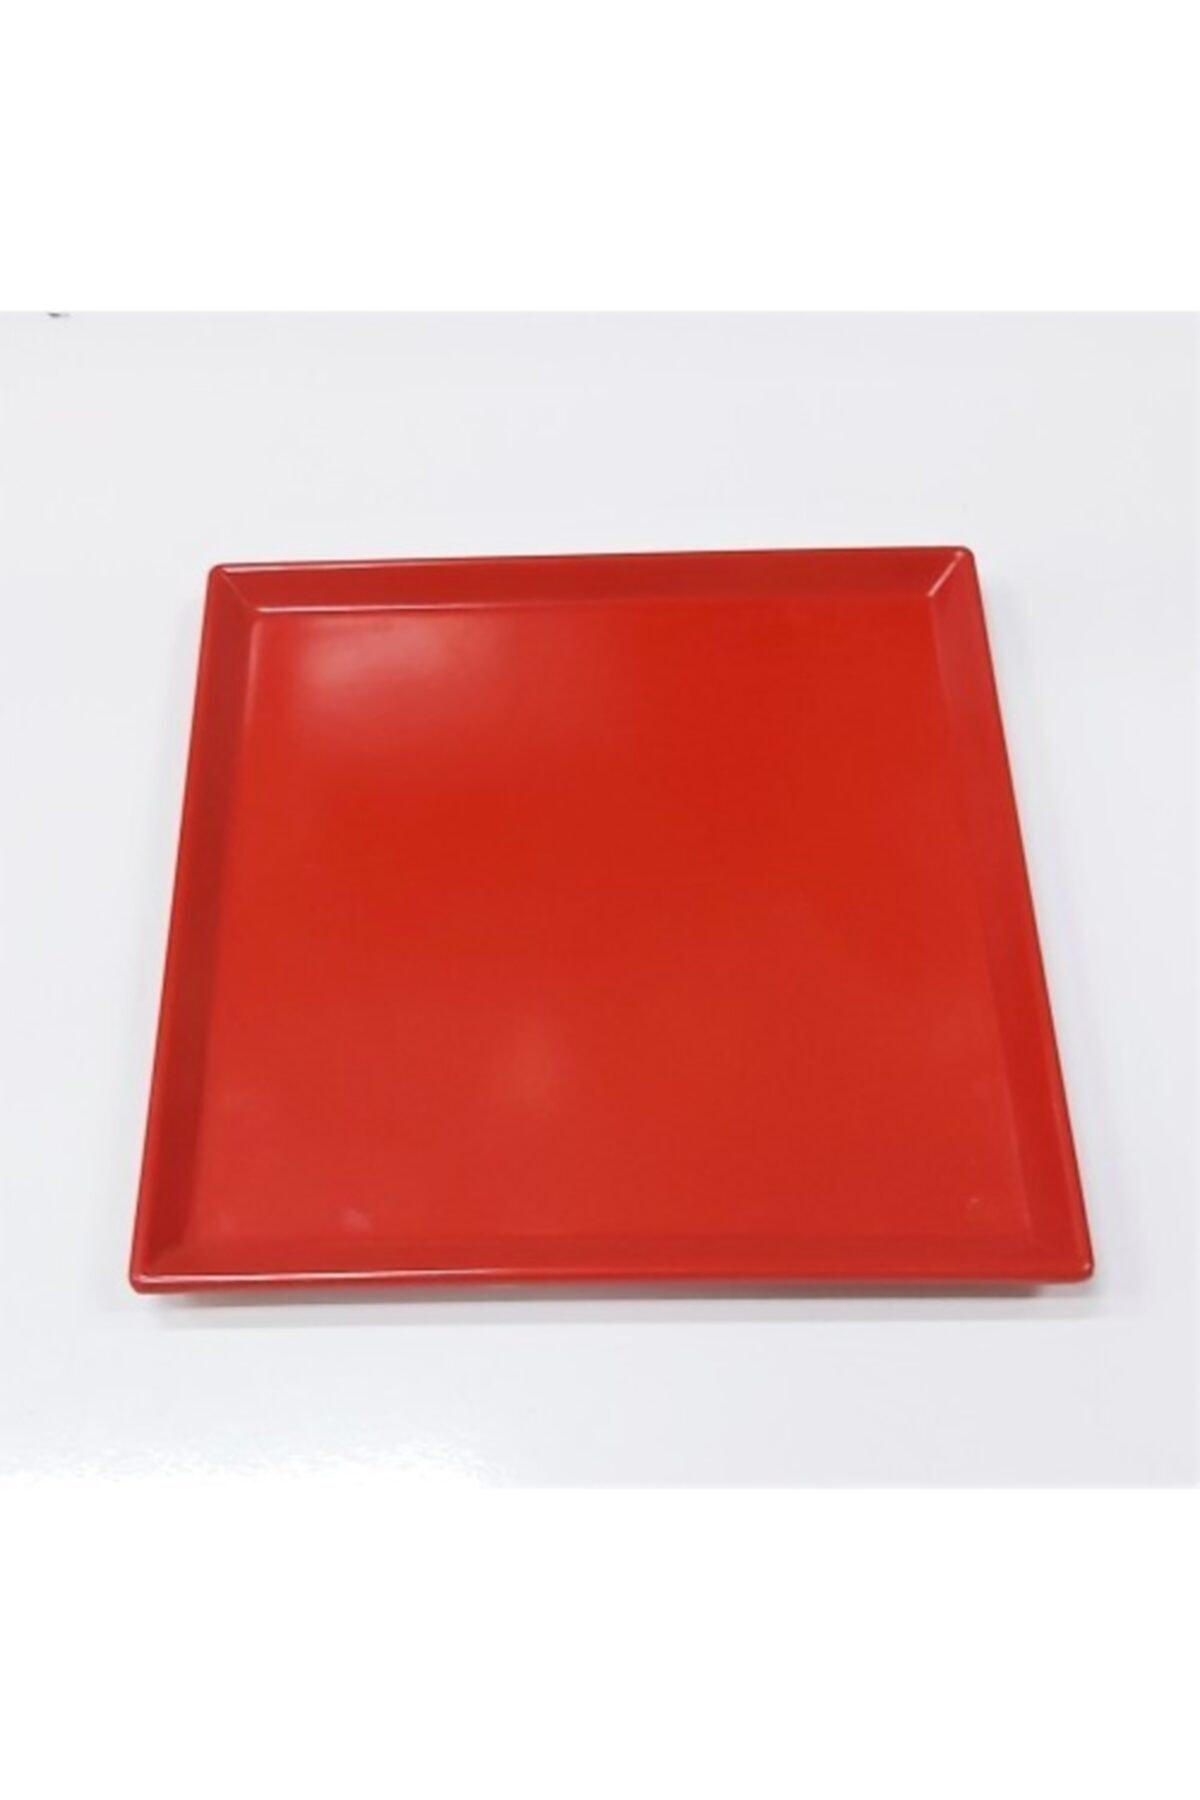 Evren 20*20cm Kırmızı Sunum Tabağı Thermo Melamin 2